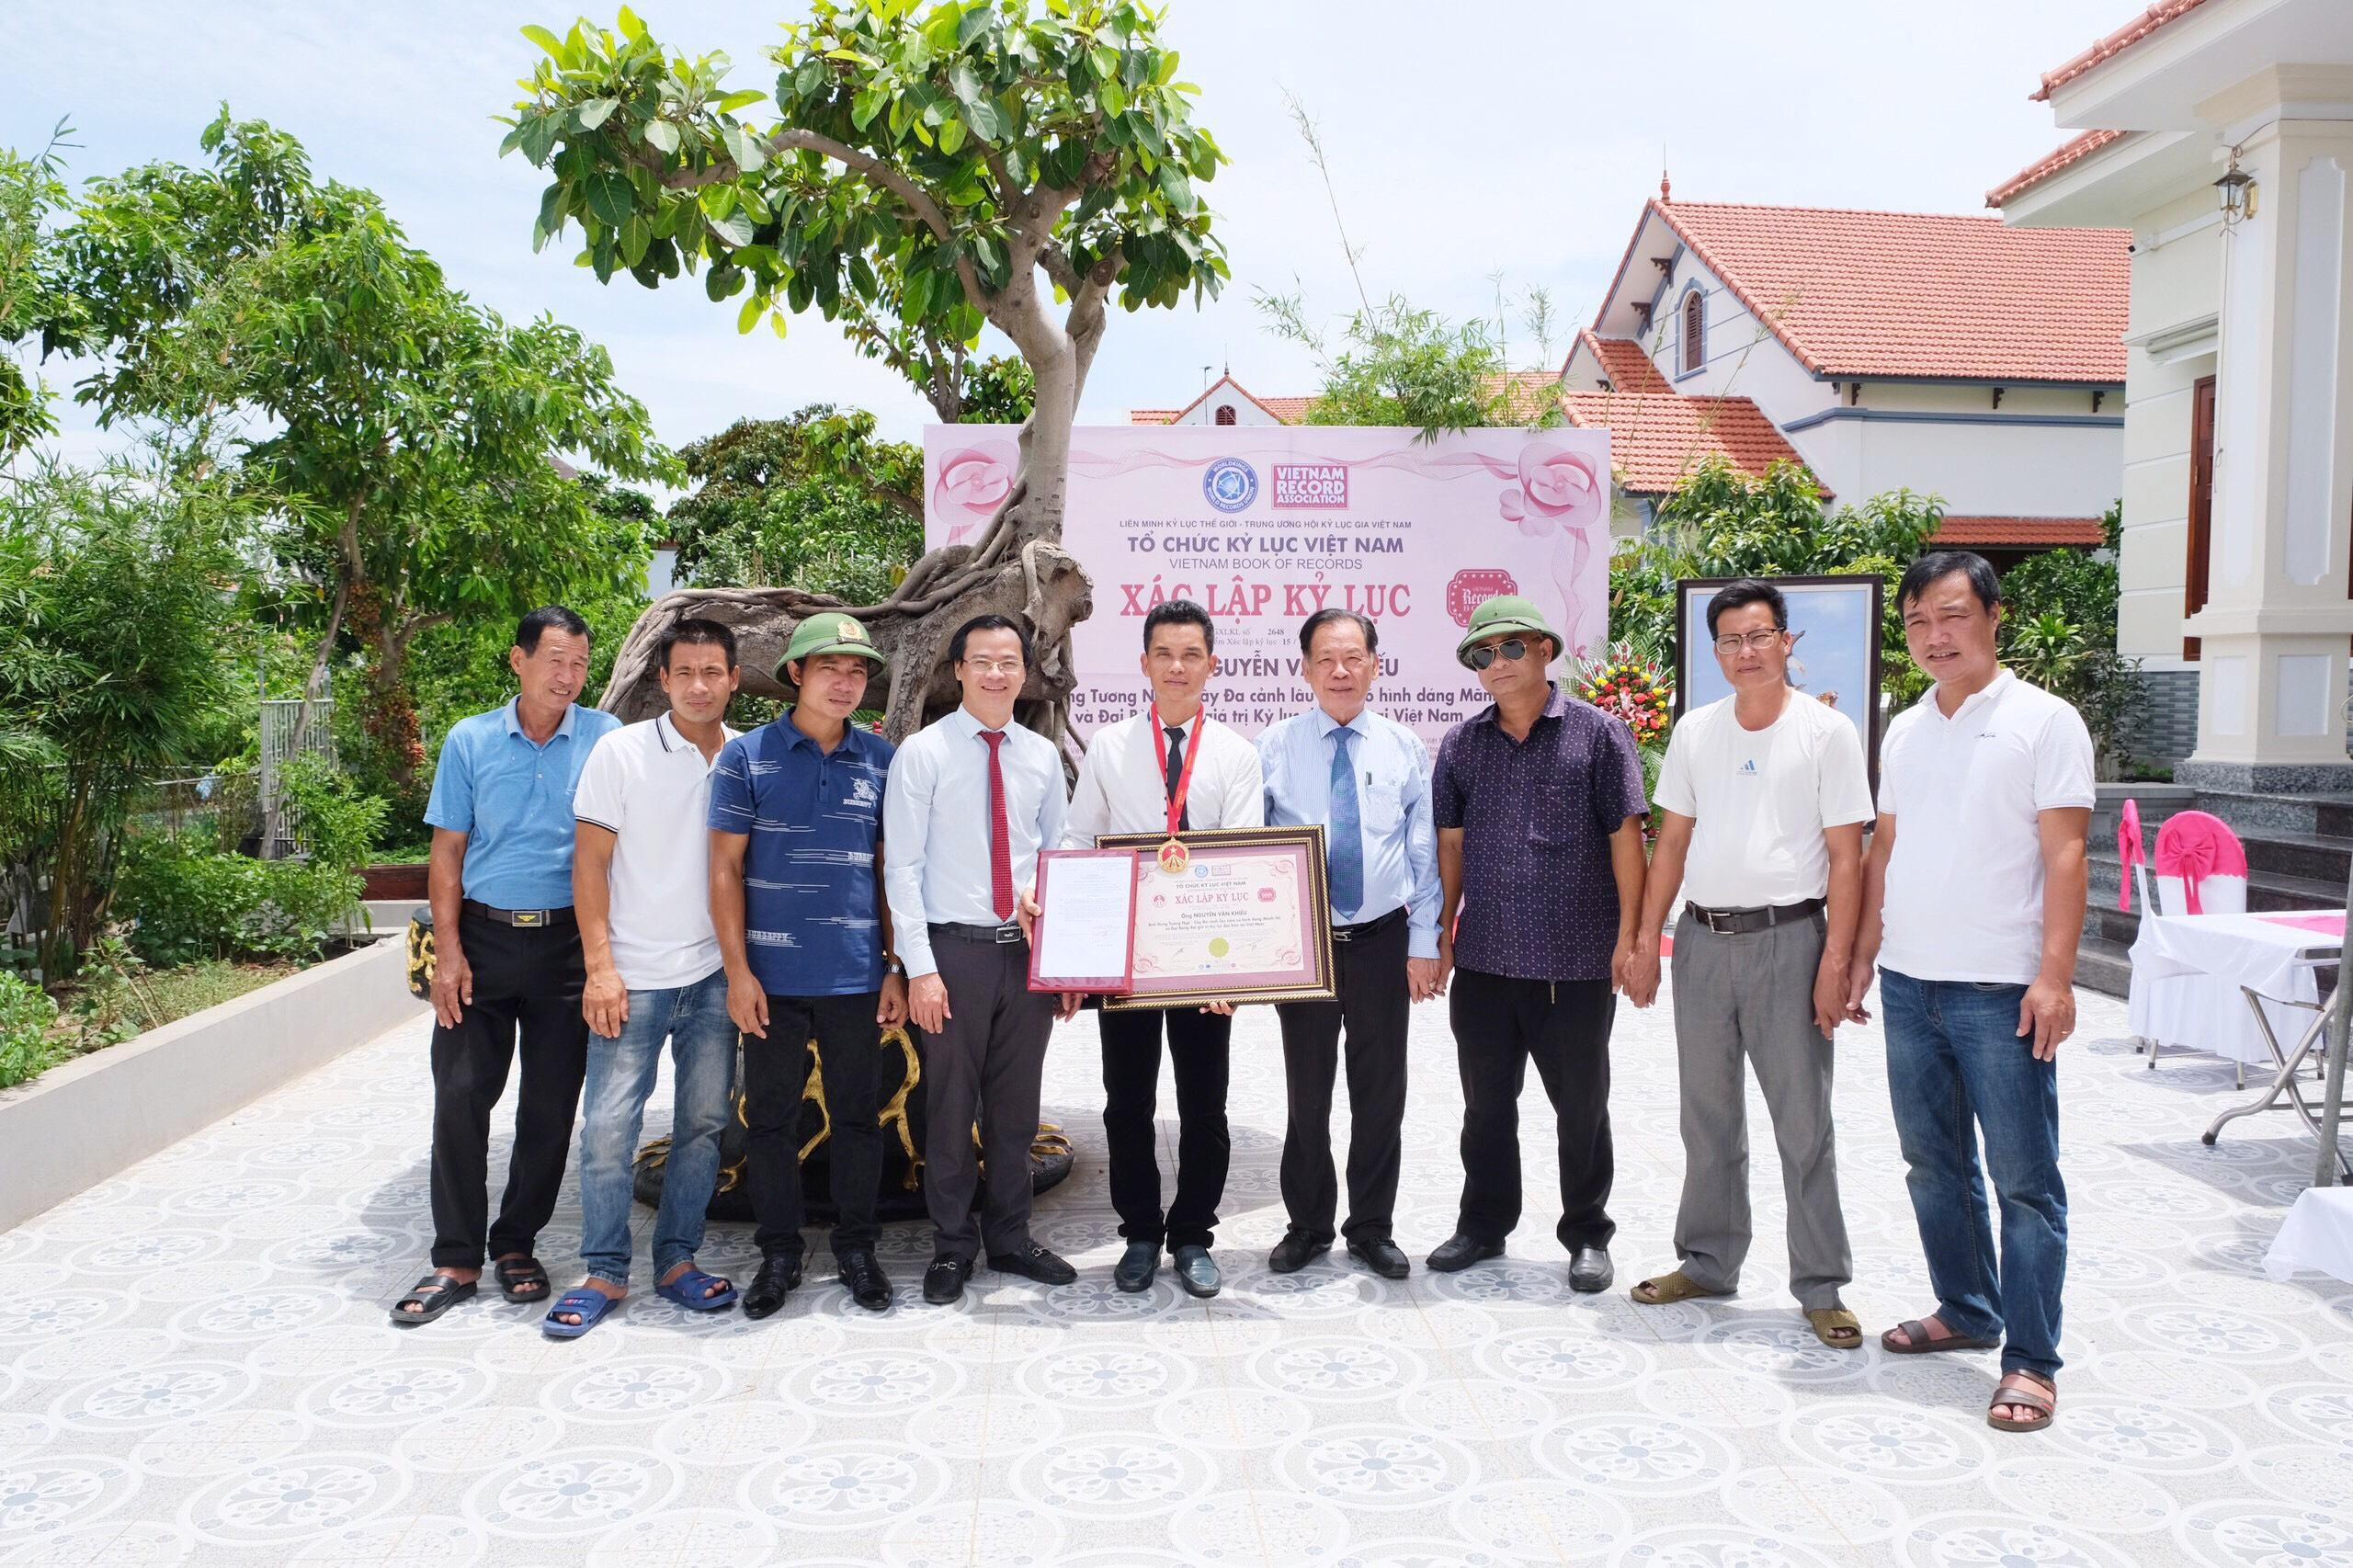 Các khách mời cùng chụp ảnh lưu niệm chúc mừng KLG Nguyễn Văn Khiếu với tác phẩm độc bản kỷ lục của mình.